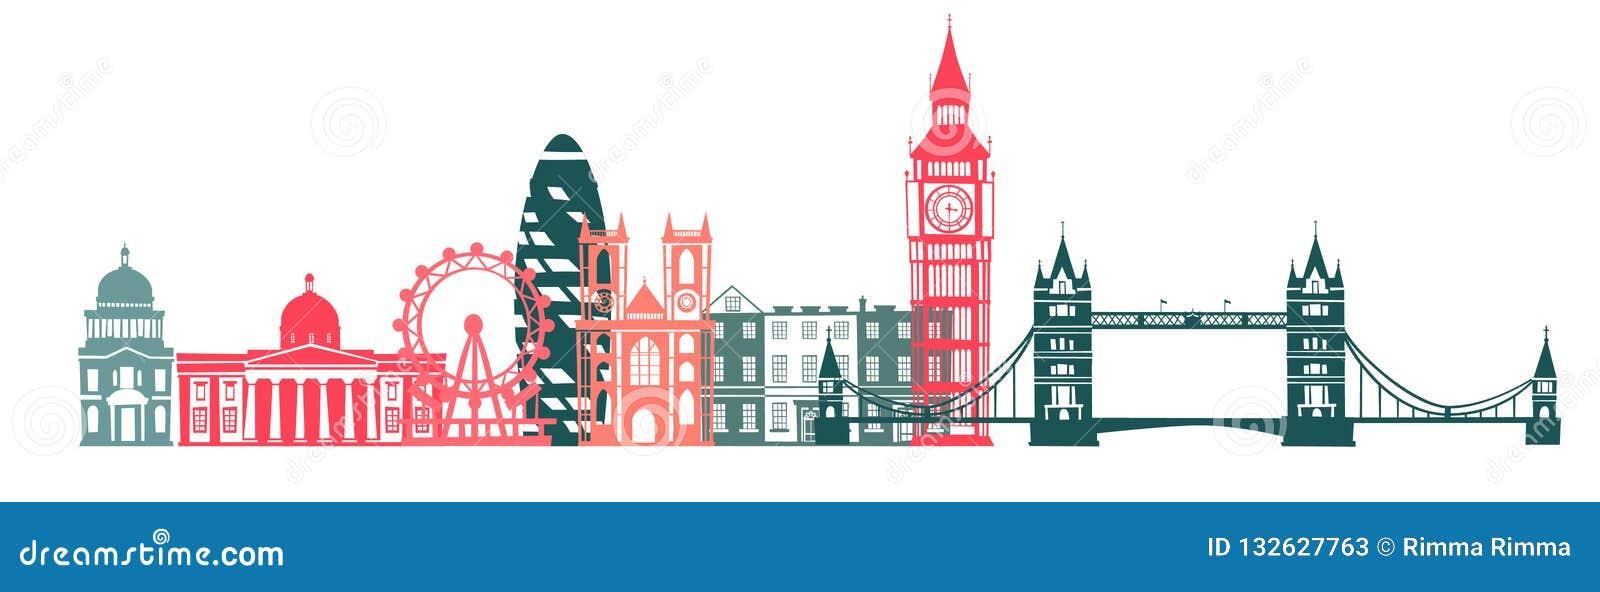 Fondo de la silueta del color del horizonte de la ciudad de Londres Ilustración del vector